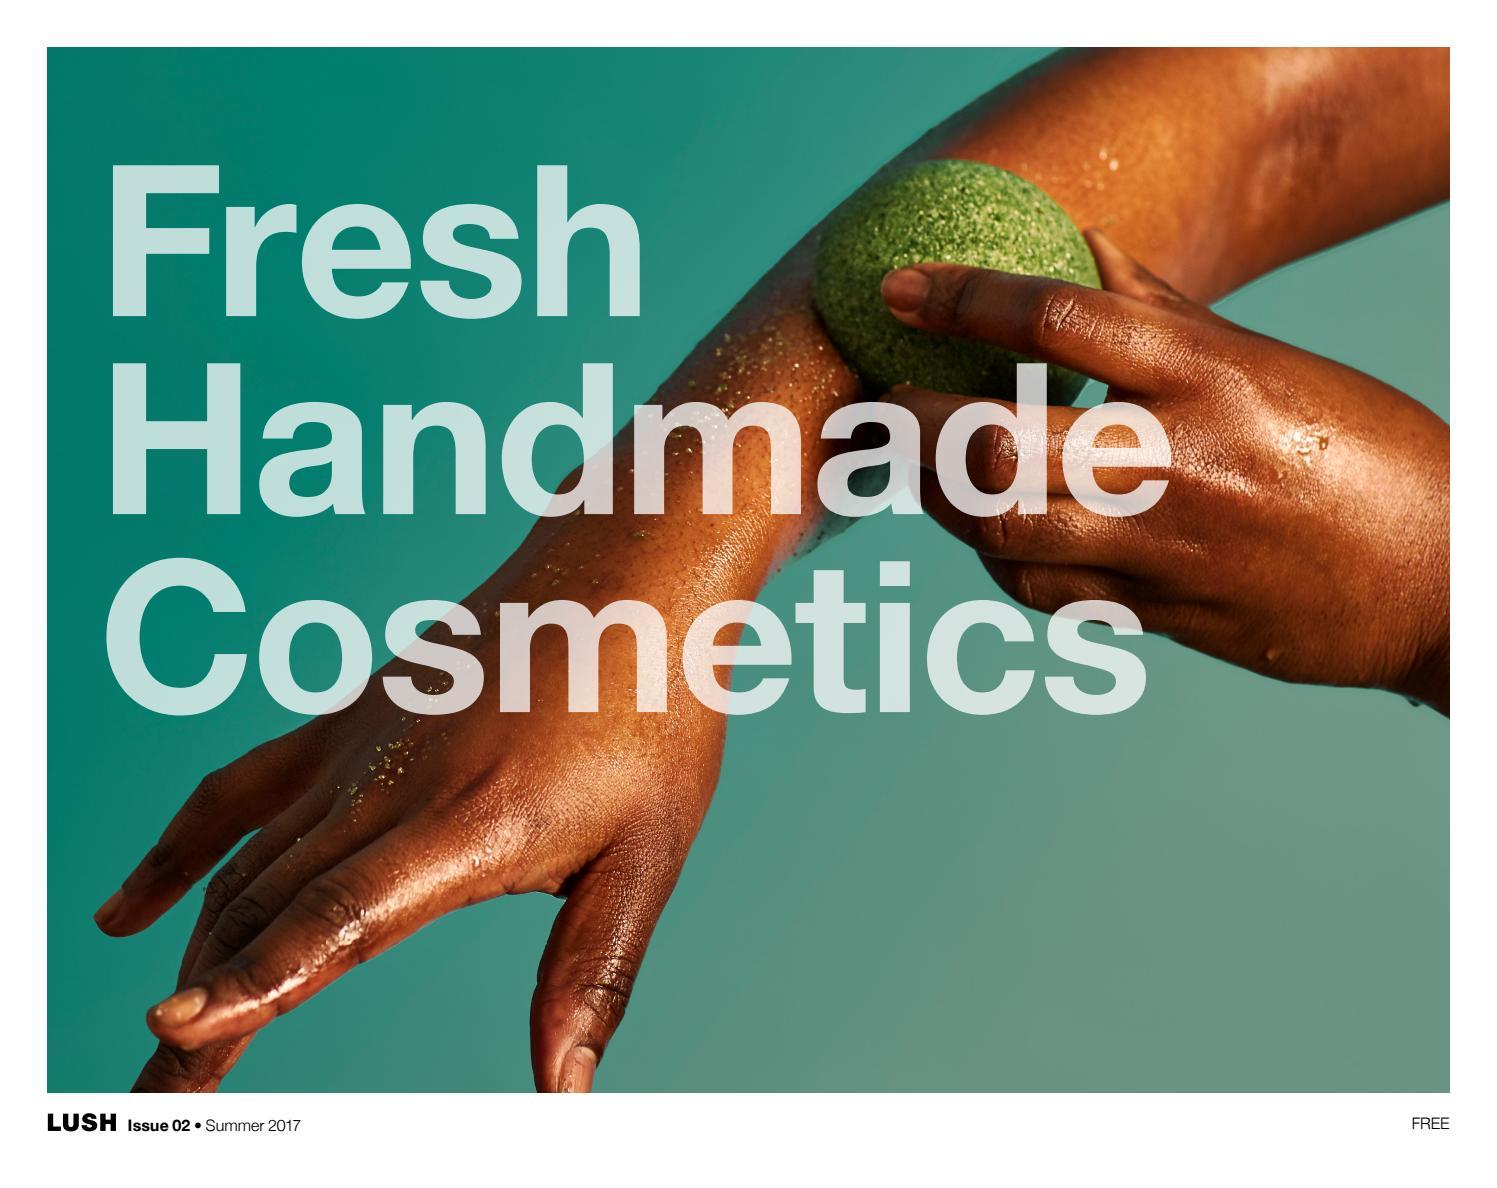 Fresh Handmade Cosmetics: Issue 02 - Summer 2017 (Canada) by Lush ...